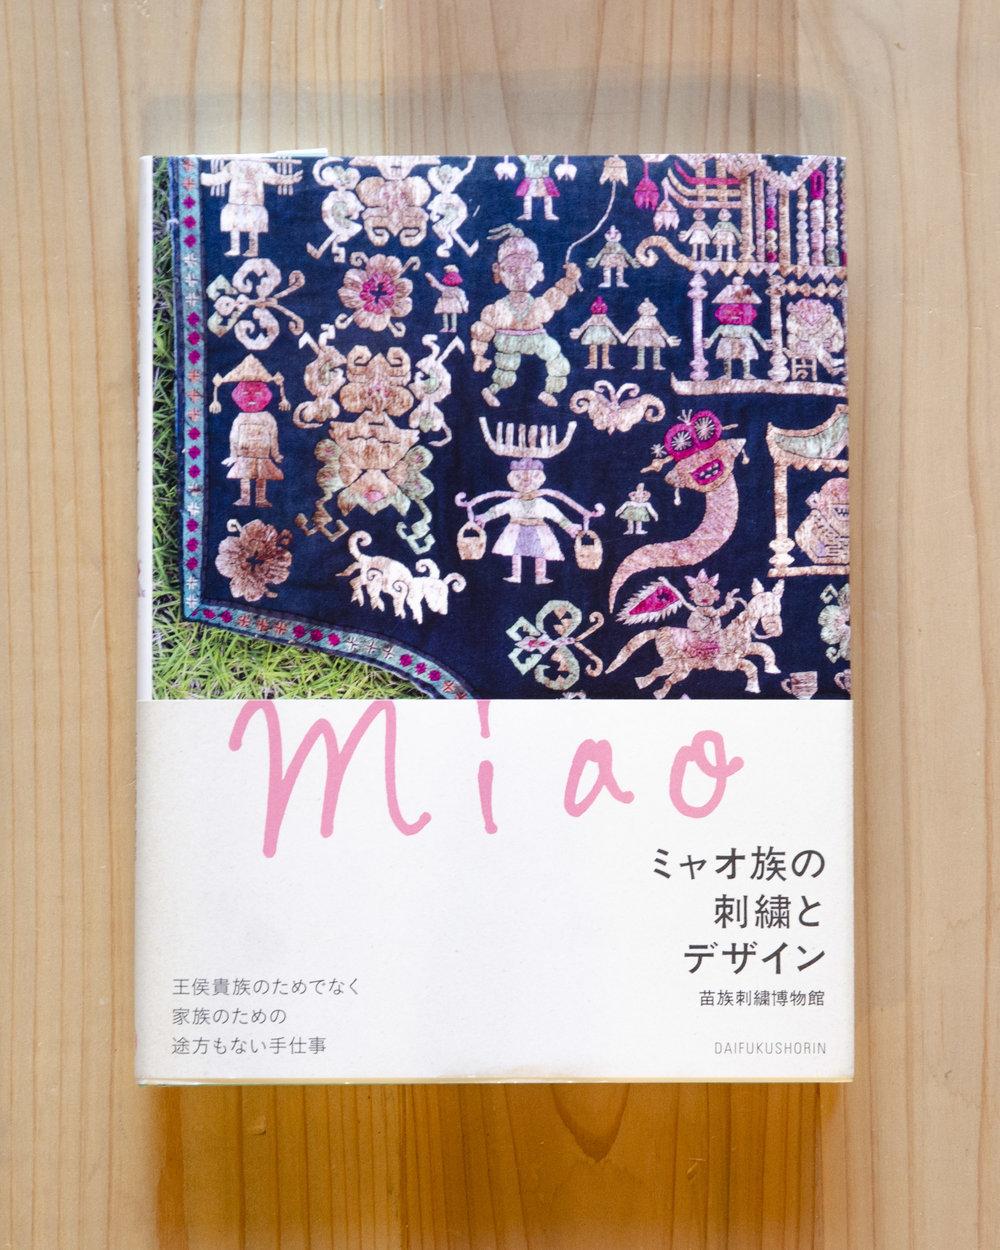 「ミャオ族の刺繍とデザイン」 大福書林